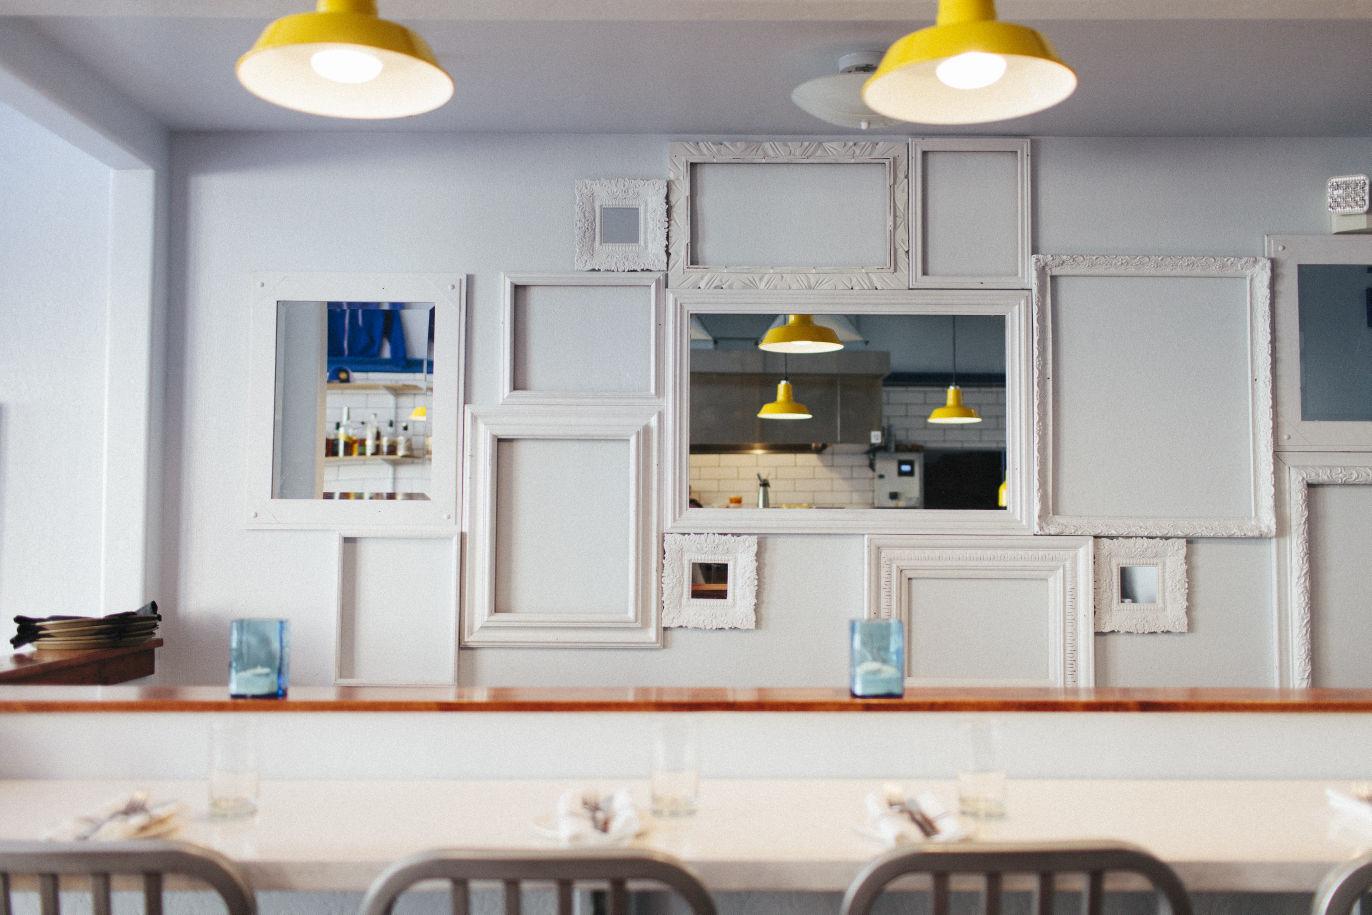 Food Forward New restaurant Shift signals next